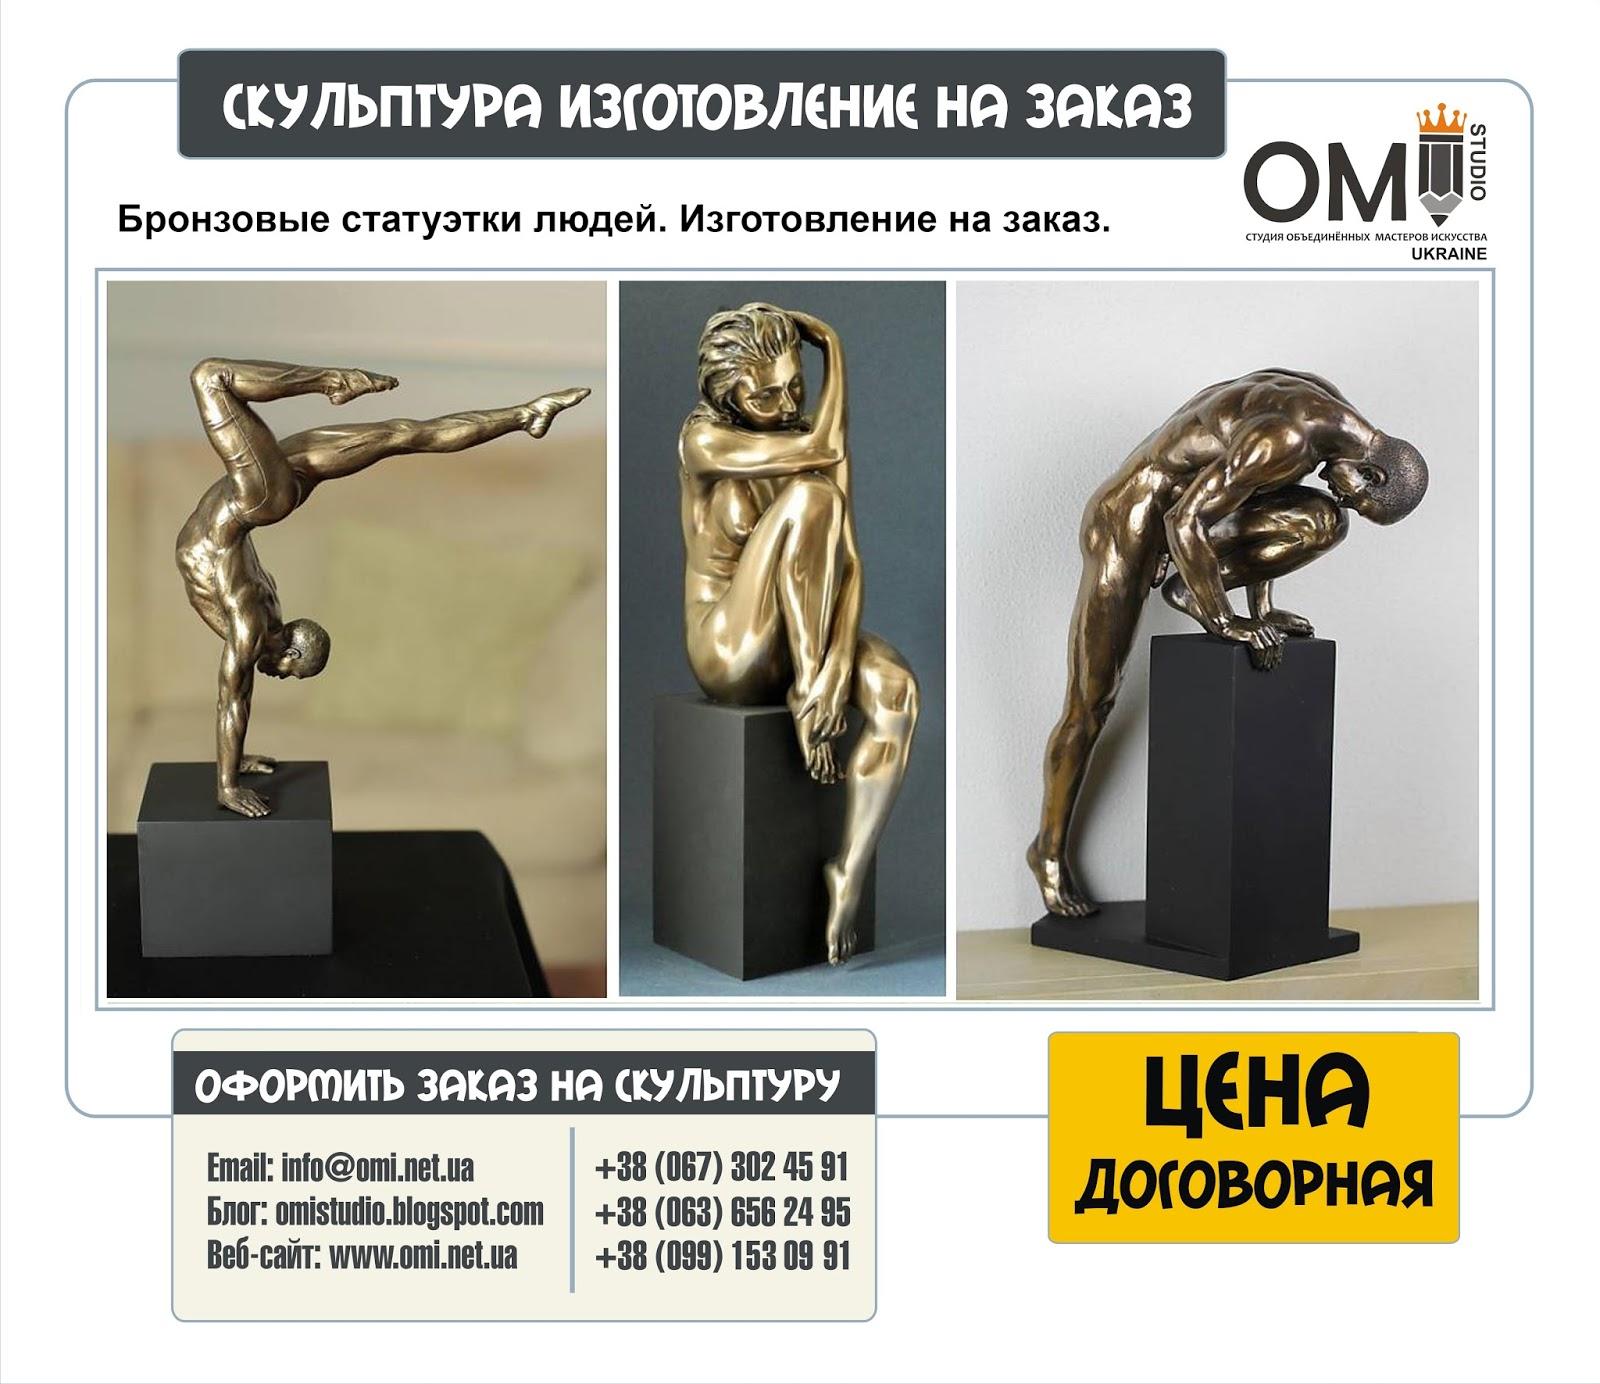 изготовление бронзовых скульптур цена основных своих